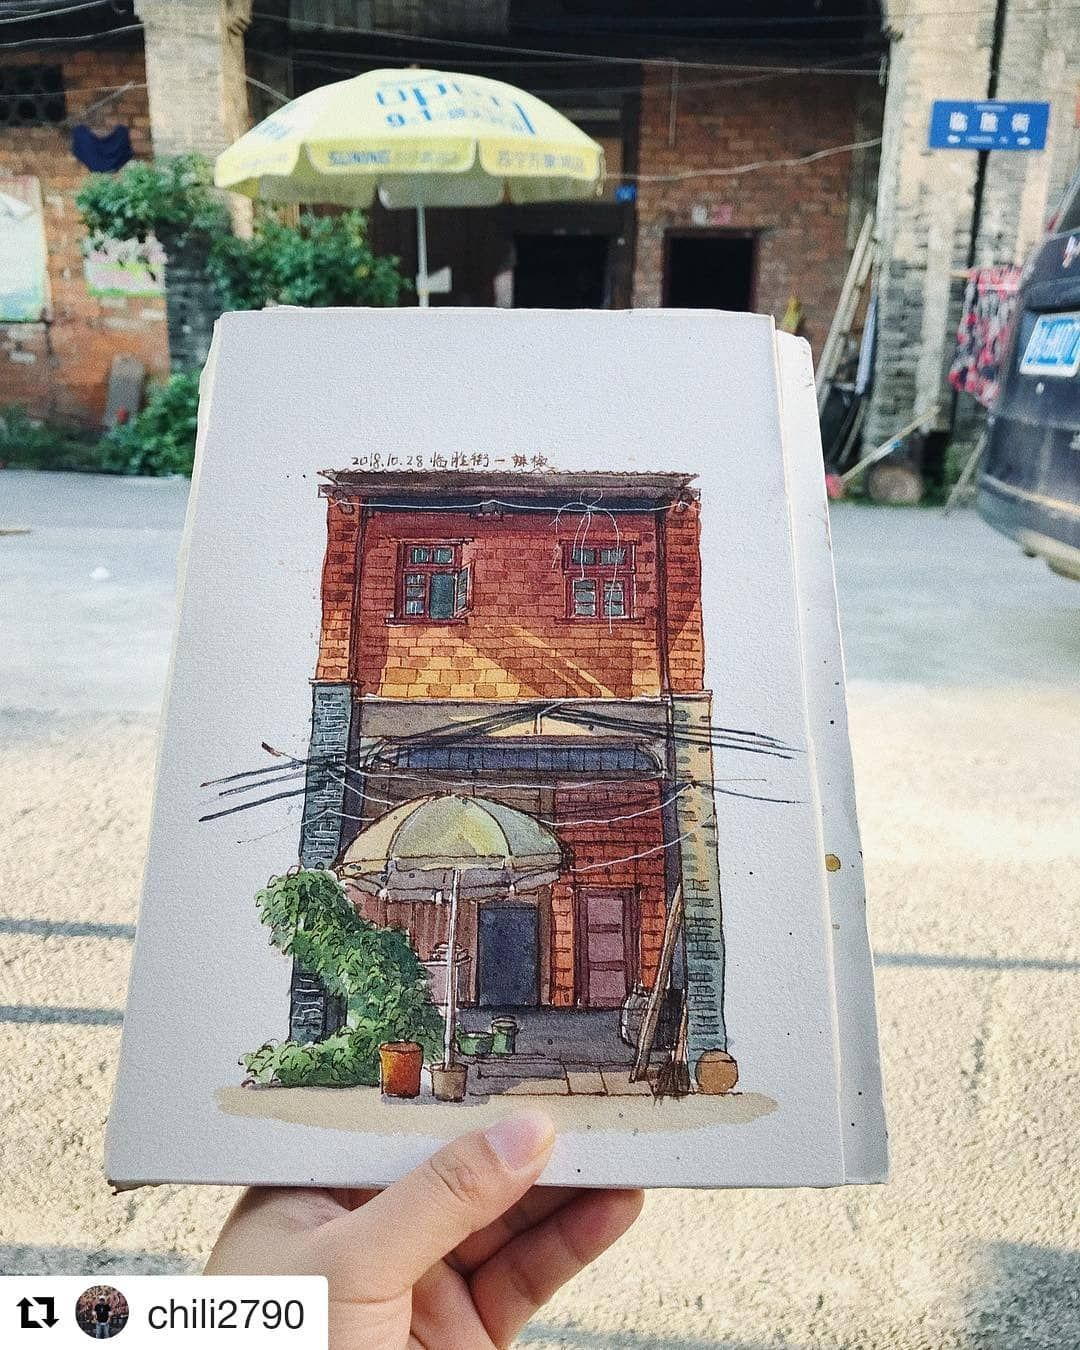 """Urban Sketchers on Instagram: """"#Repost @chili2790 (@get_repost) ・・・ 天气好了,终于可以出来写生了。#sketching #sketch #sketches #watercolorpainting #watercolor #watercolor_art…"""" - #achili2790 #instagram #repost #sketchers #sketching #urban - #GestureDrawing"""